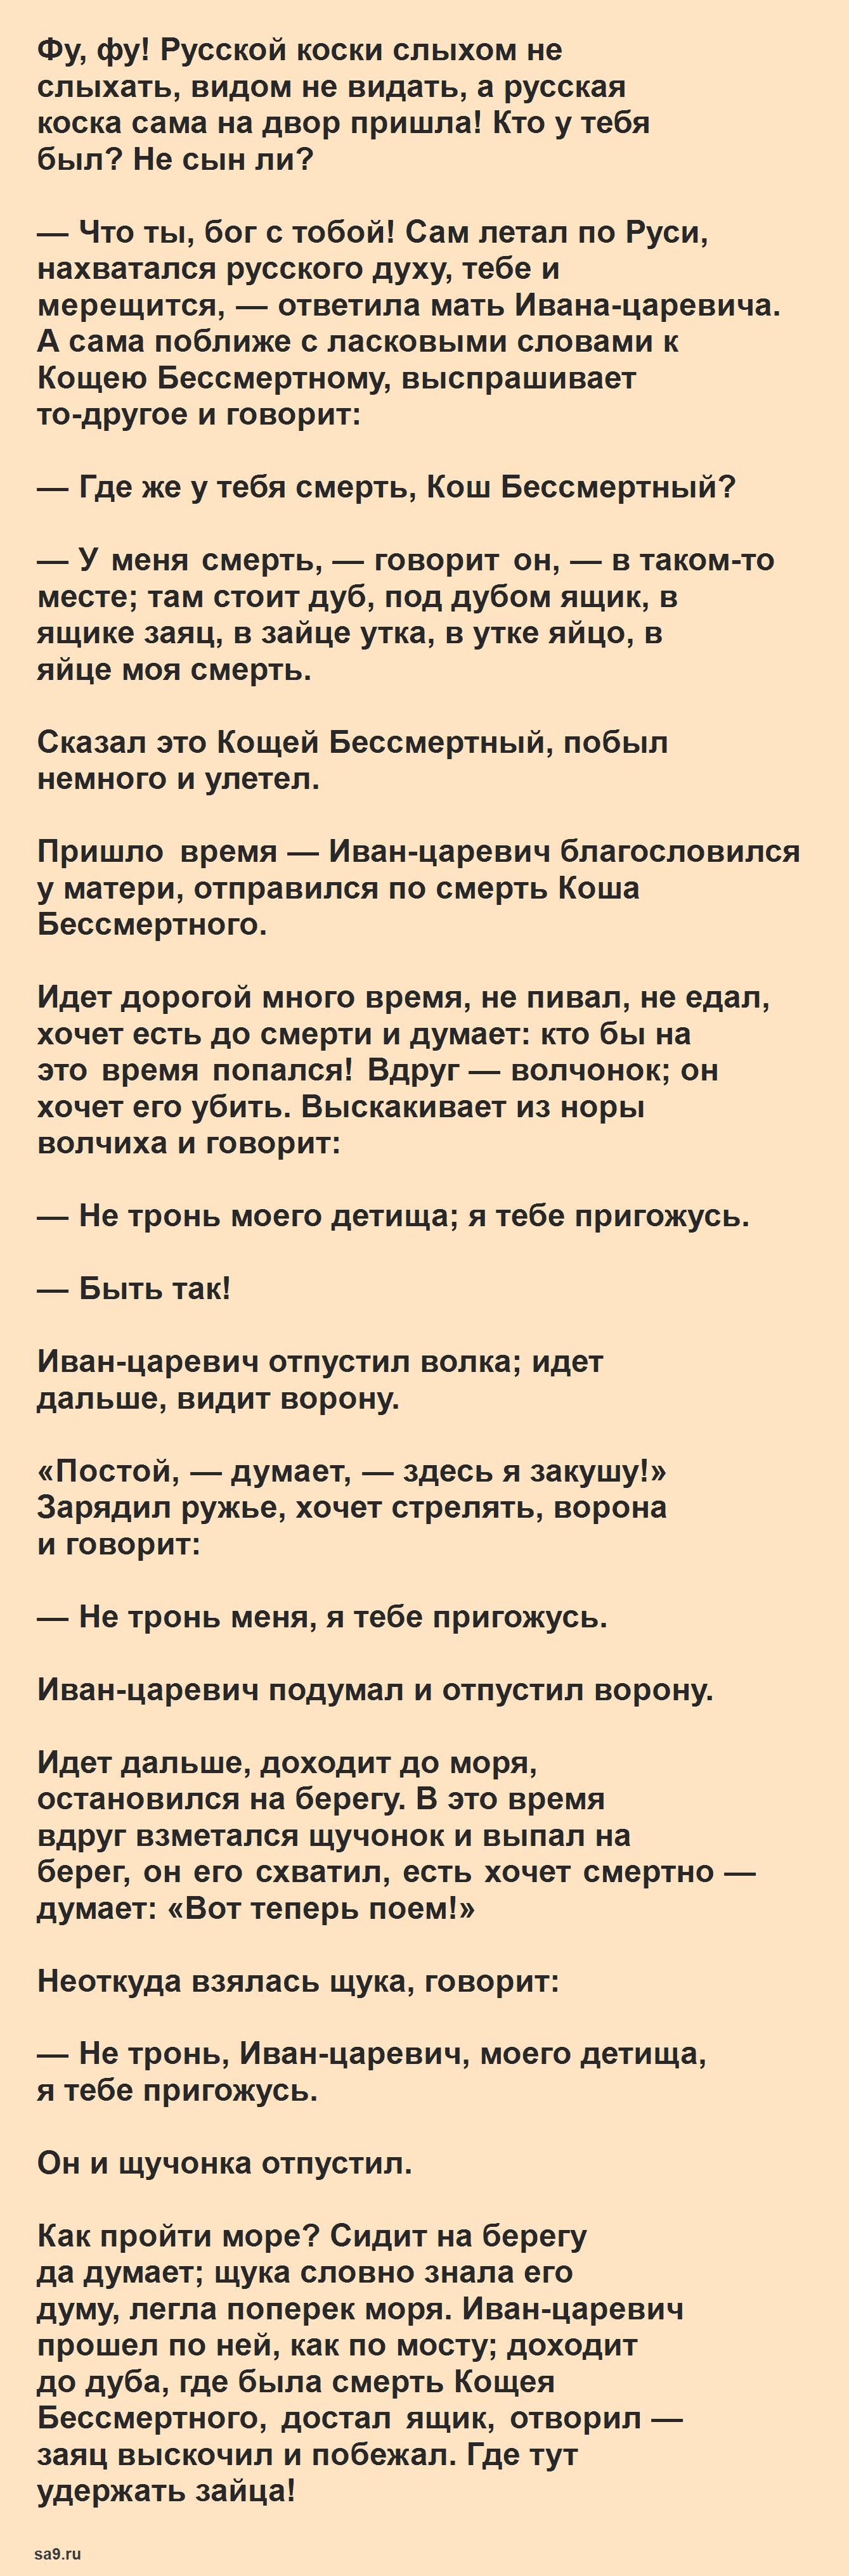 Читать русскую народную сказку - Кощей Бессмертный, для детей